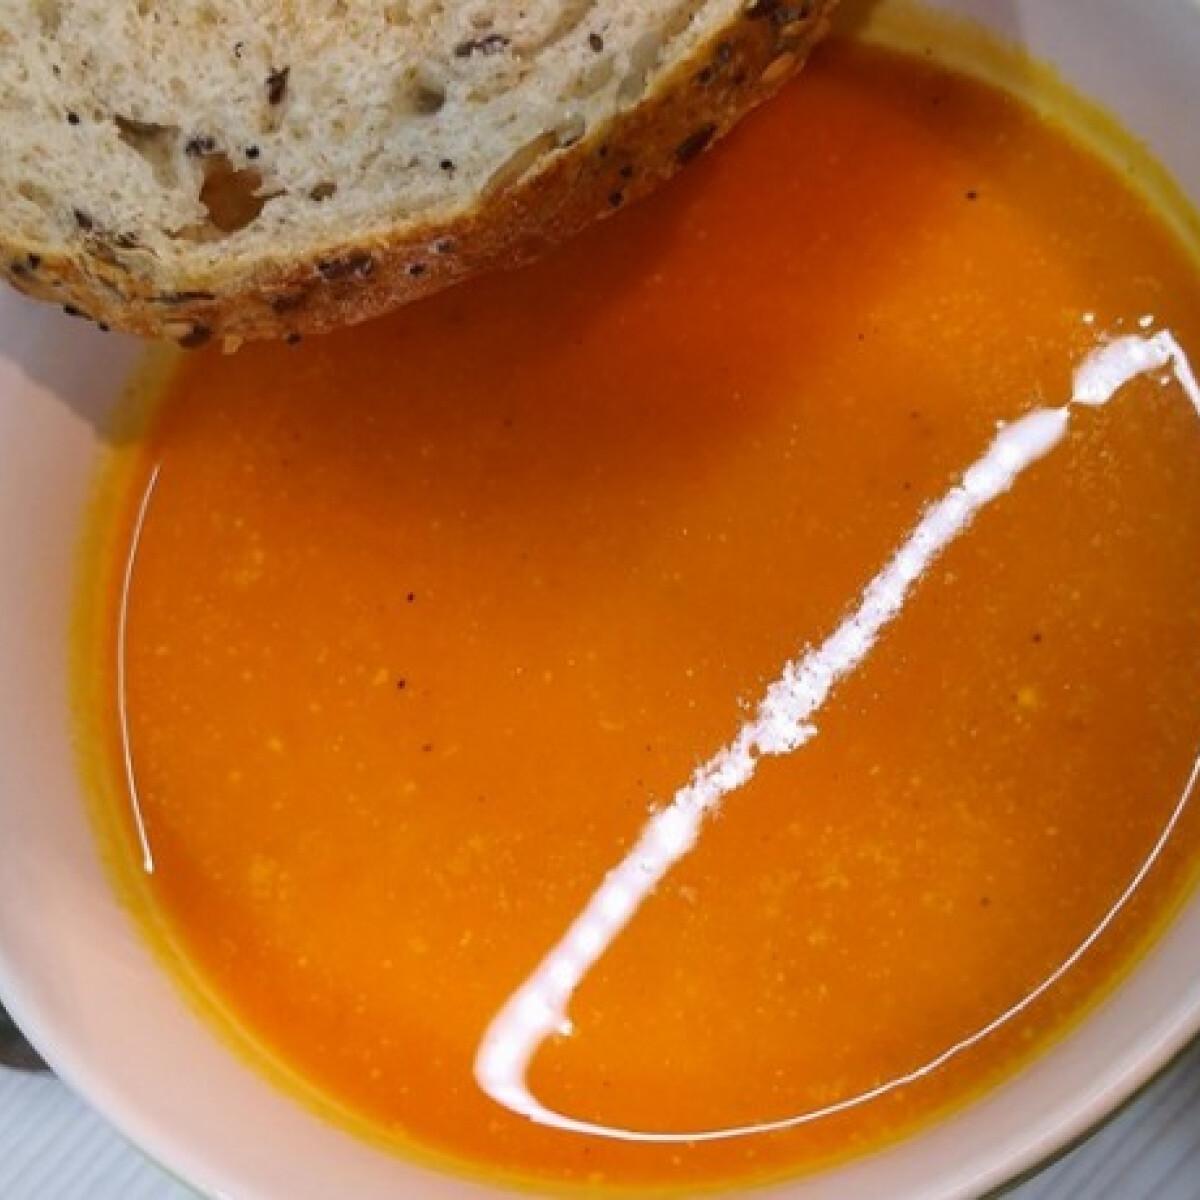 Ezen a képen: Egyszerű, sűrű és finom sütőtökkrémleves